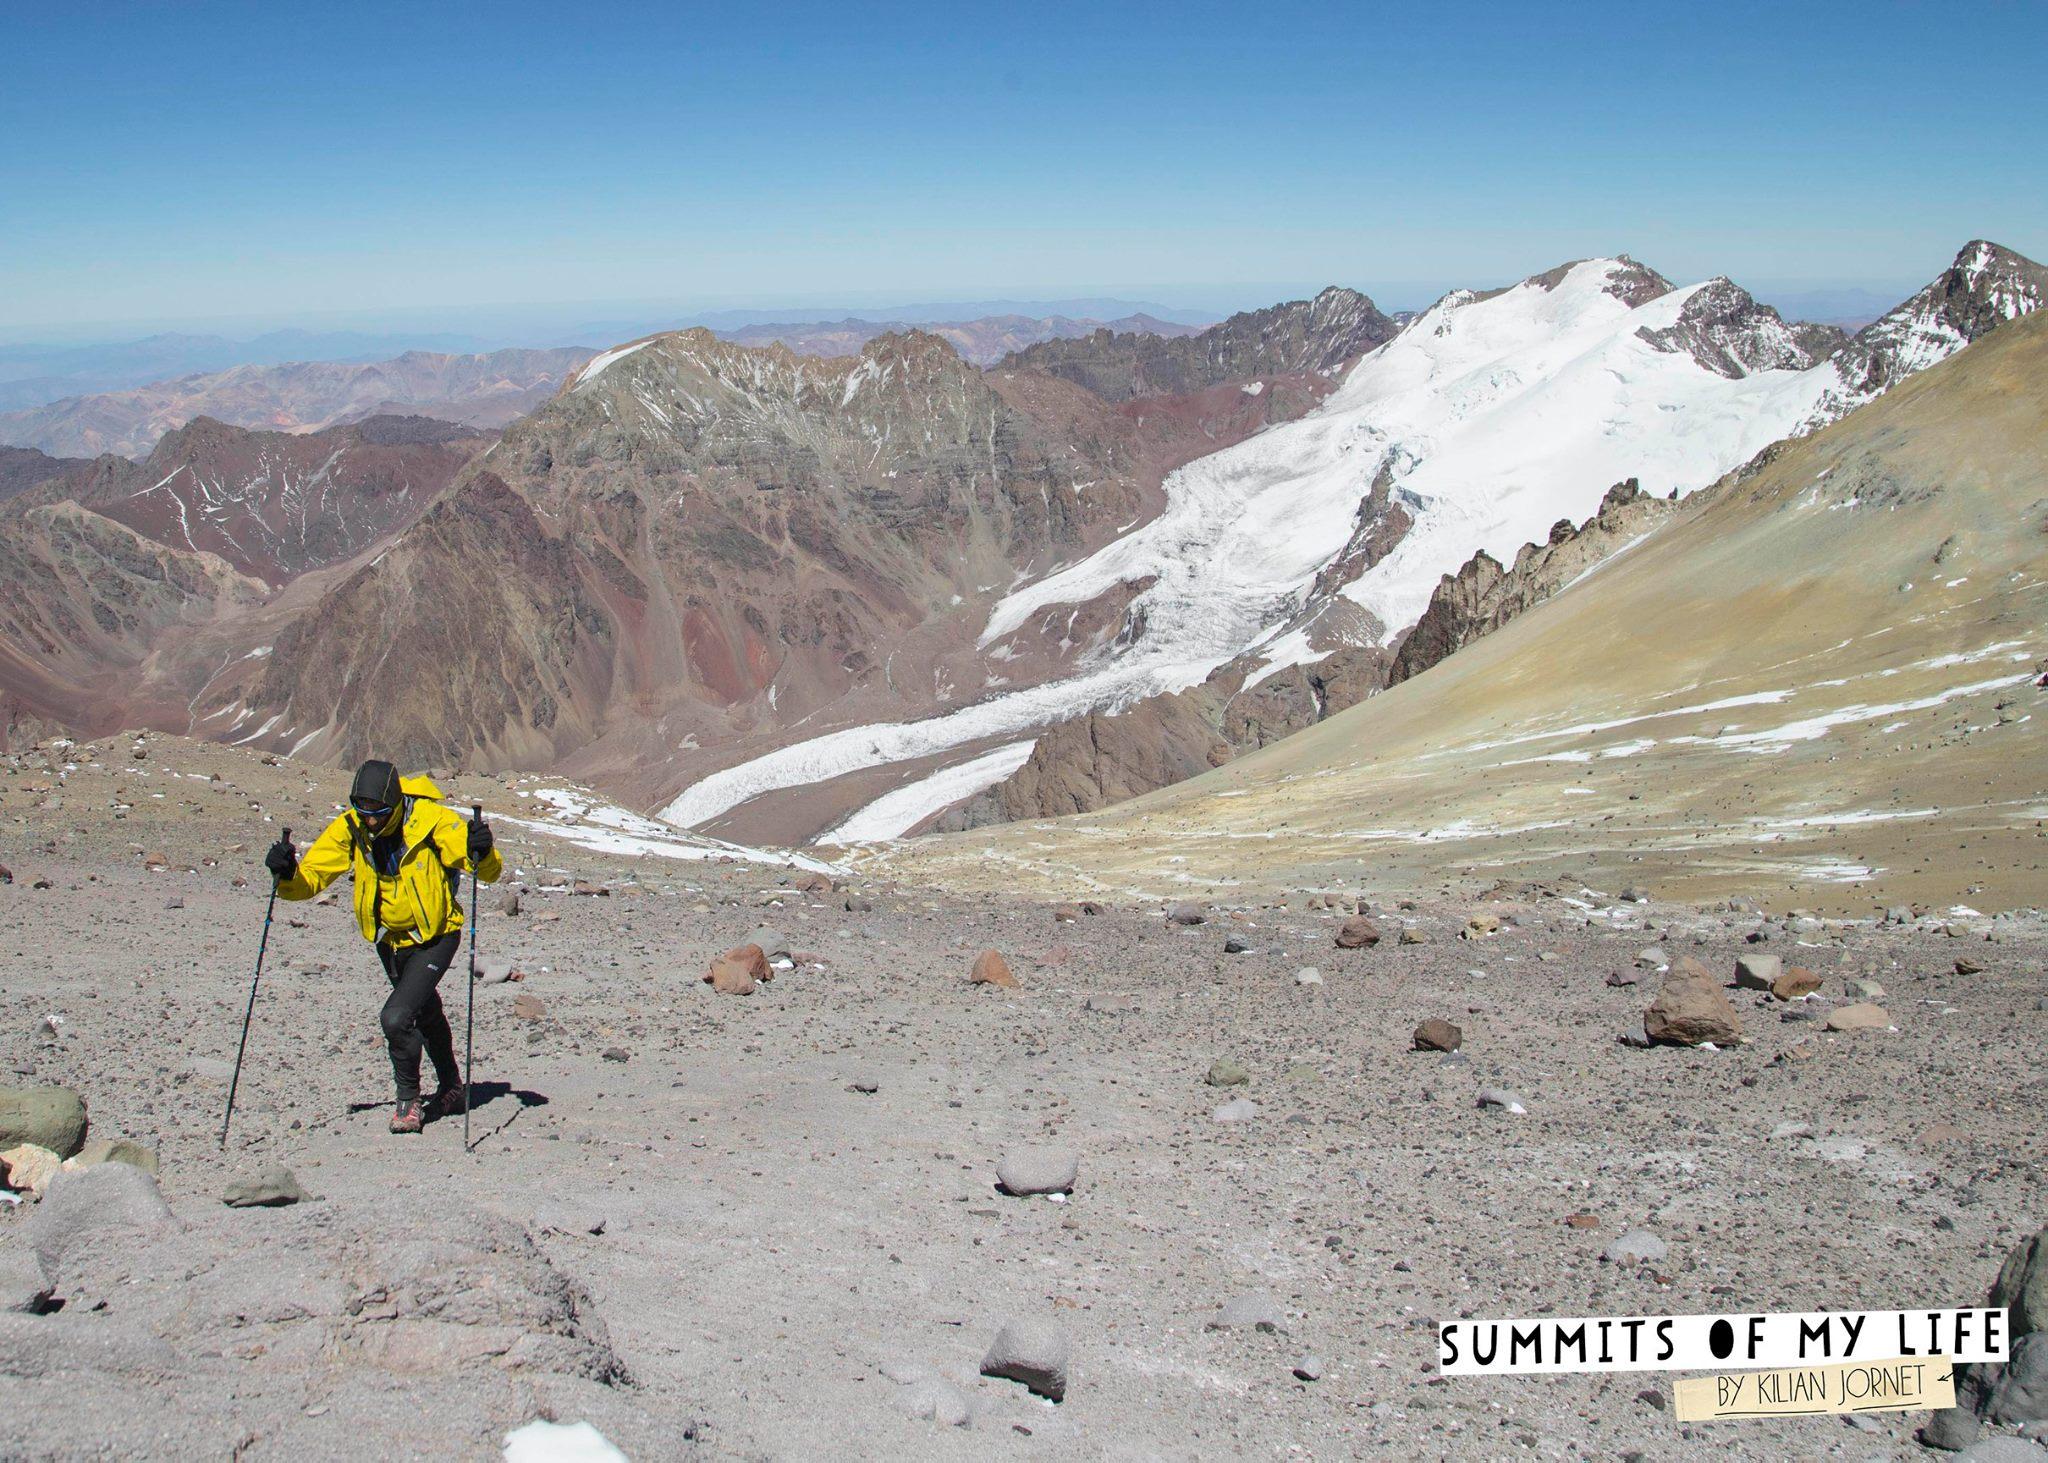 Akklimatizációs mászás az Aconcaguán Forrás: summitsofmylife.com